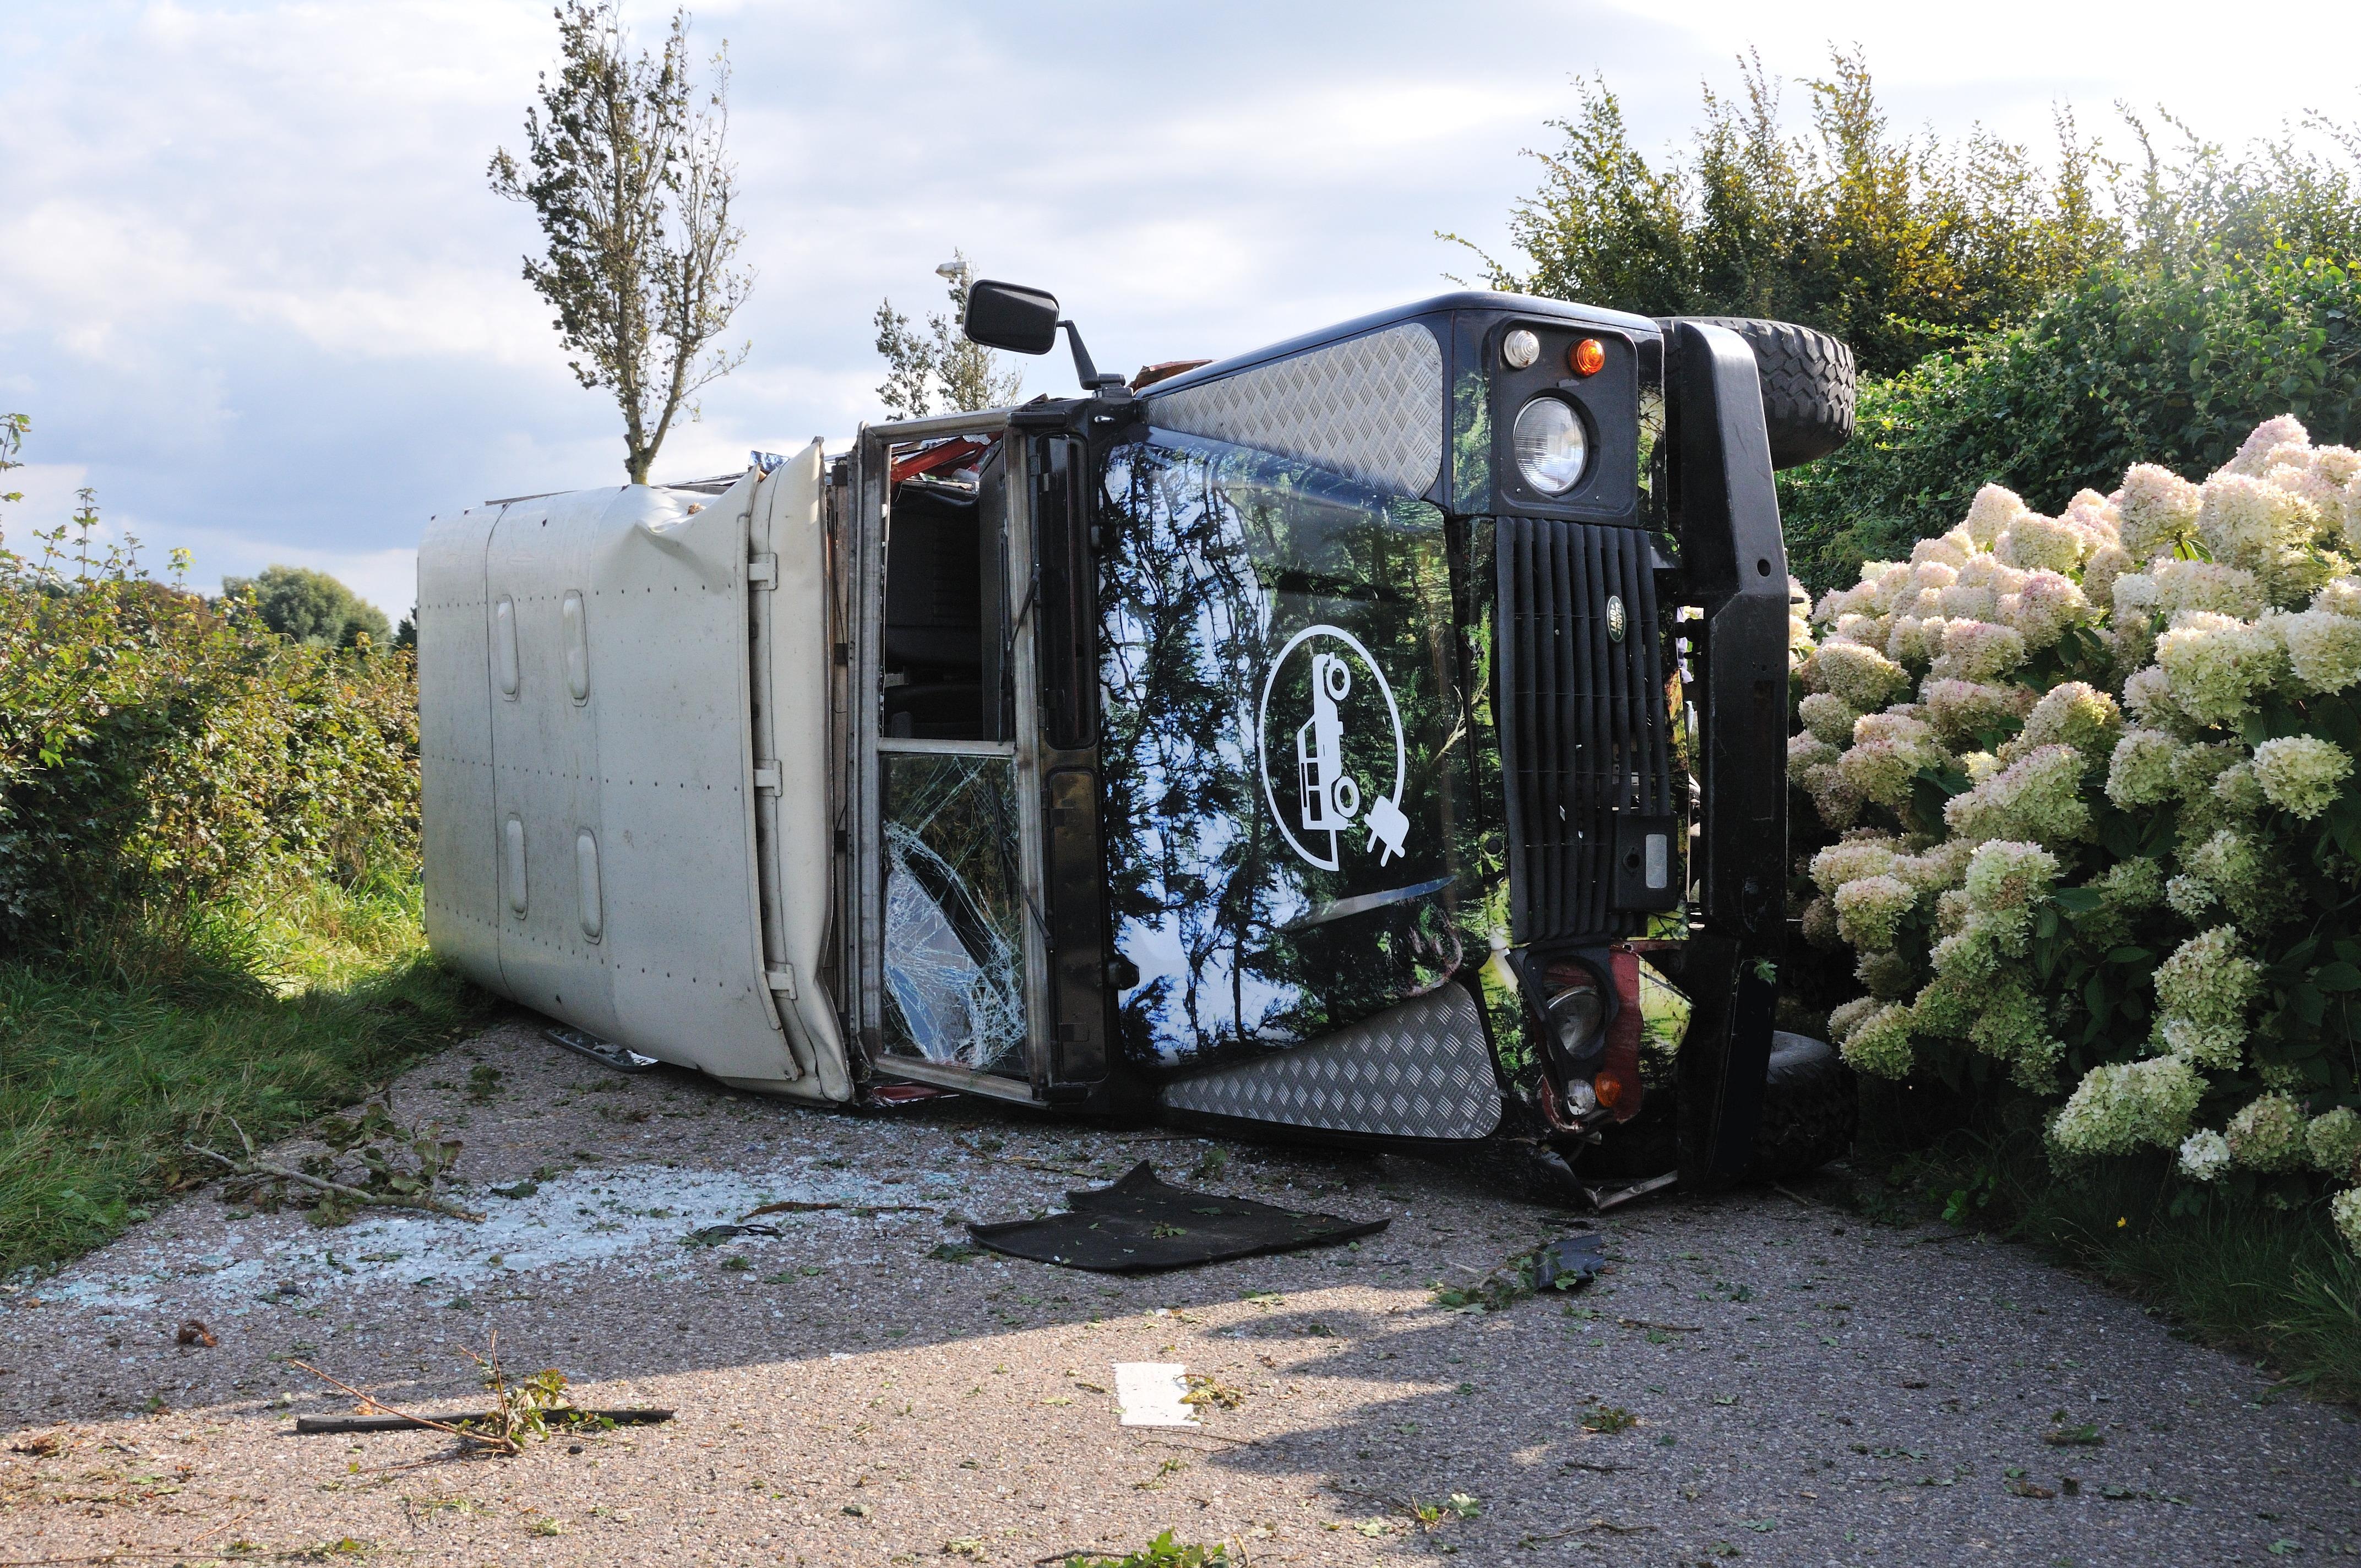 In Egmond-Binnen over de kop geslagen stekkerauto reed pas net als terreinwagen in duinen